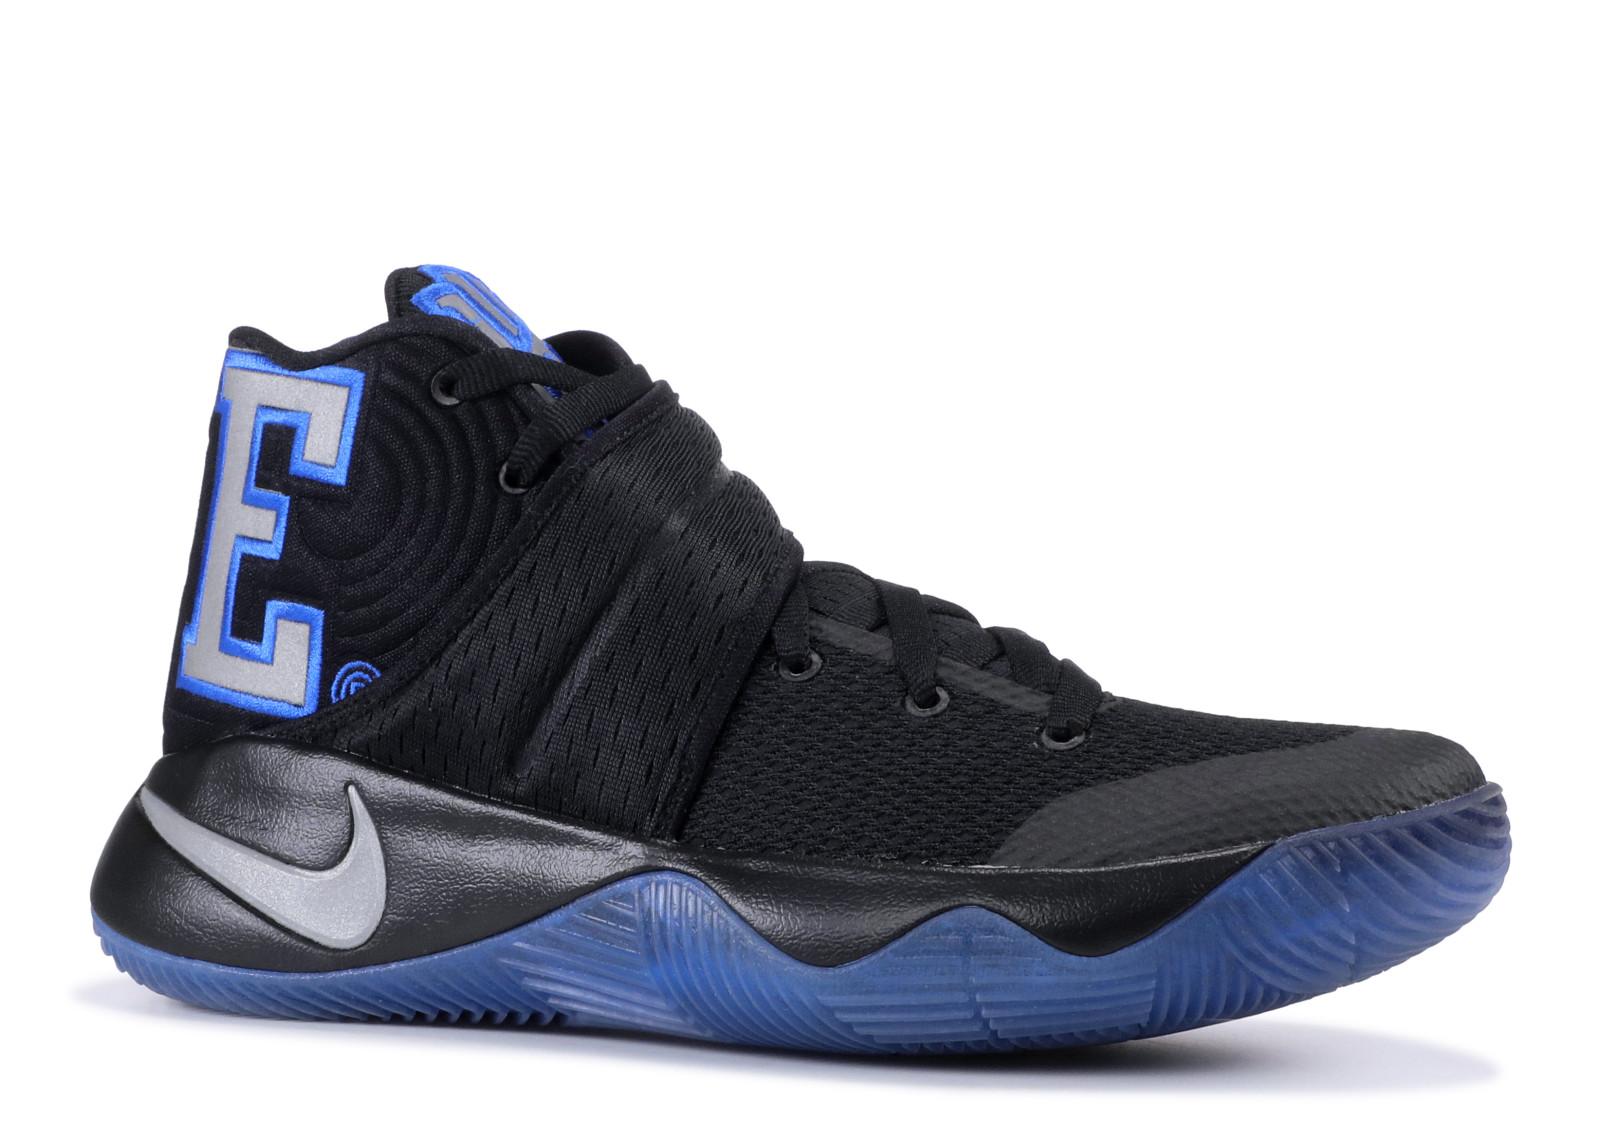 Nike - Men - Nike Kyrie 2 Lmtd 'Duke